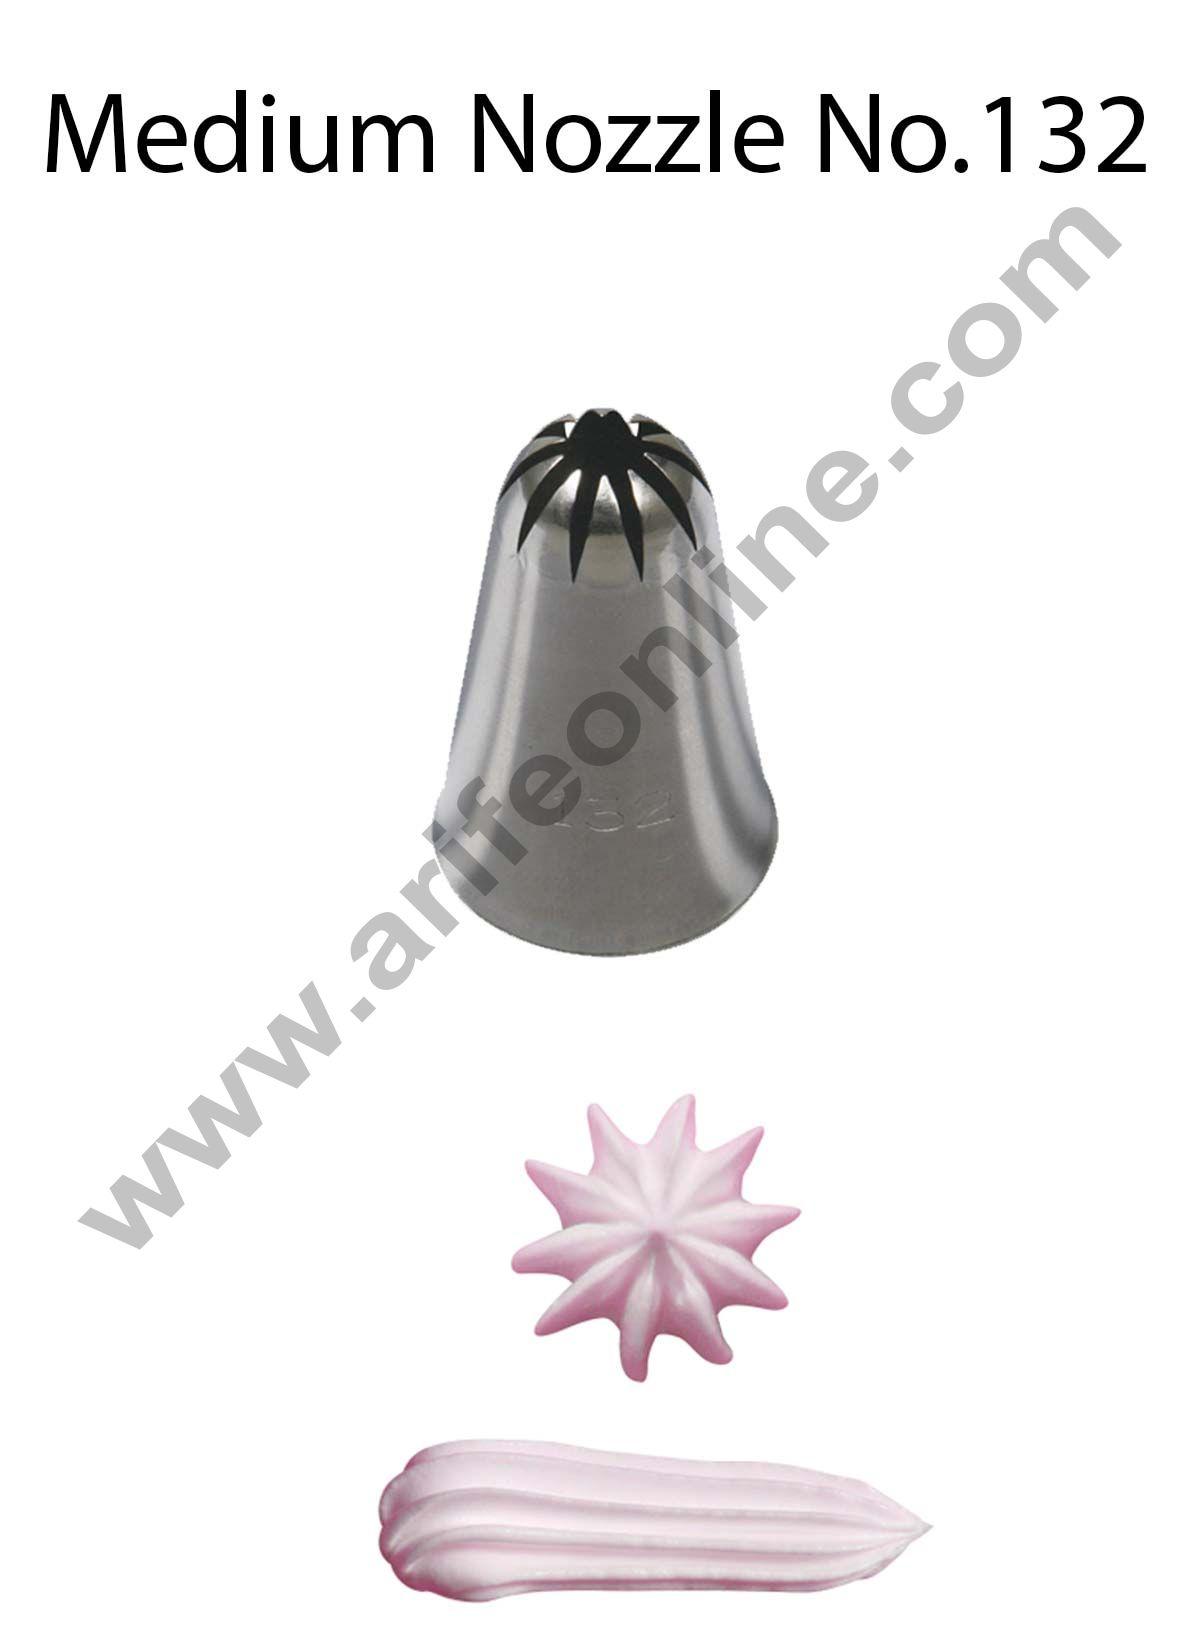 Cake Decor Medium Nozzle - No. 132 Closed Star Piping Nozzle